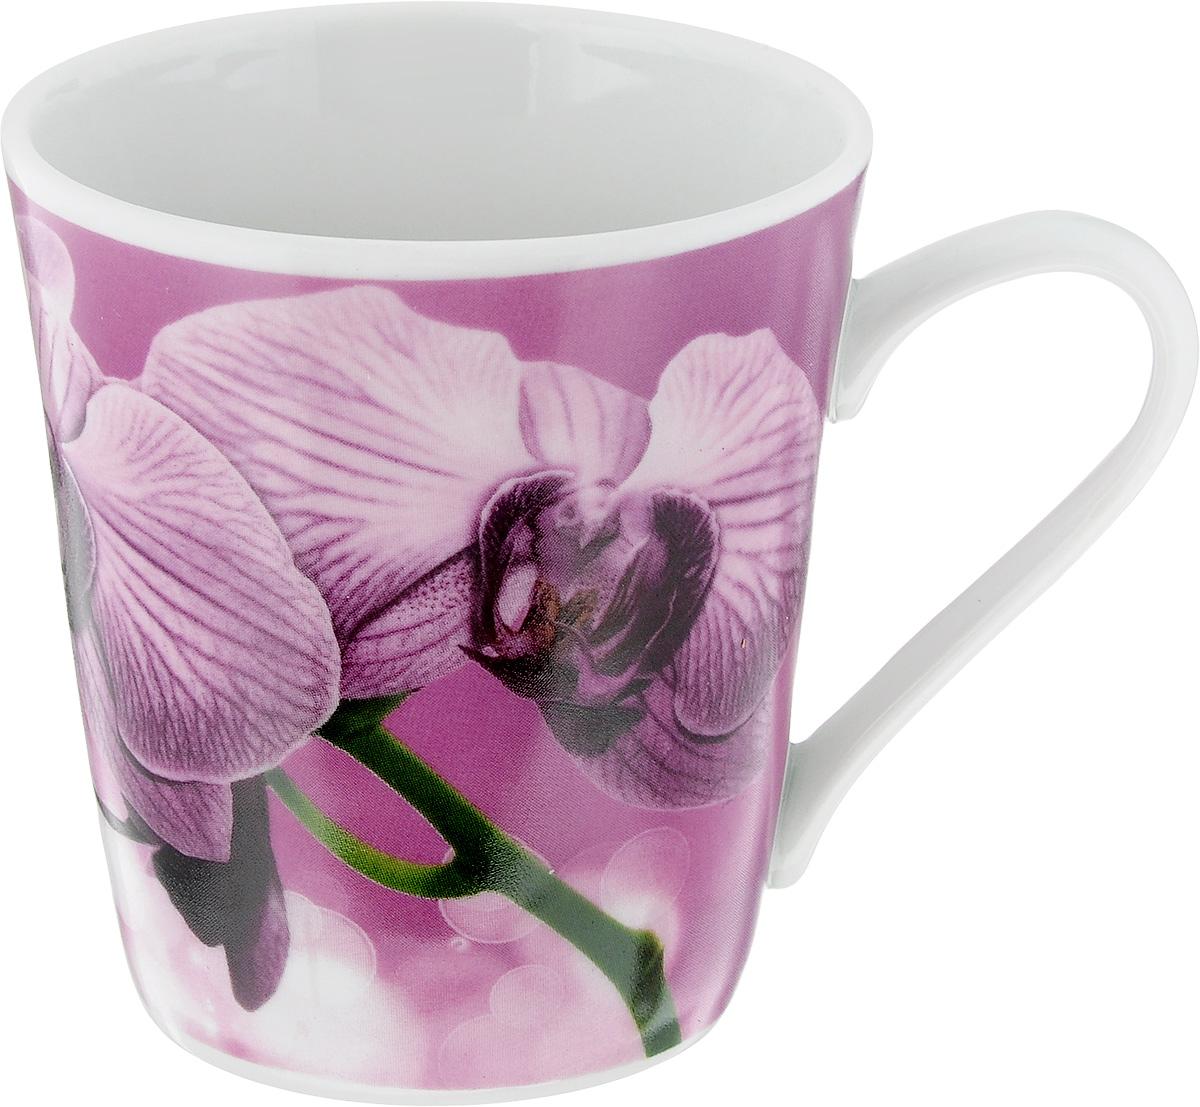 Кружка Классик. Орхидея, цвет: сиреневый, зеленый, белый, 300 мл1333019_розовый, белыйКружка Классик. Орхидея изготовлена из высококачественного фарфора. Изделие оформлено красочным рисунком и покрыто превосходной сверкающей глазурью. Изысканная кружка прекрасно оформит стол к чаепитию и станет его неизменным атрибутом. Диаметр кружки (по верхнему краю): 9 см. Высота кружки: 9,5 см.